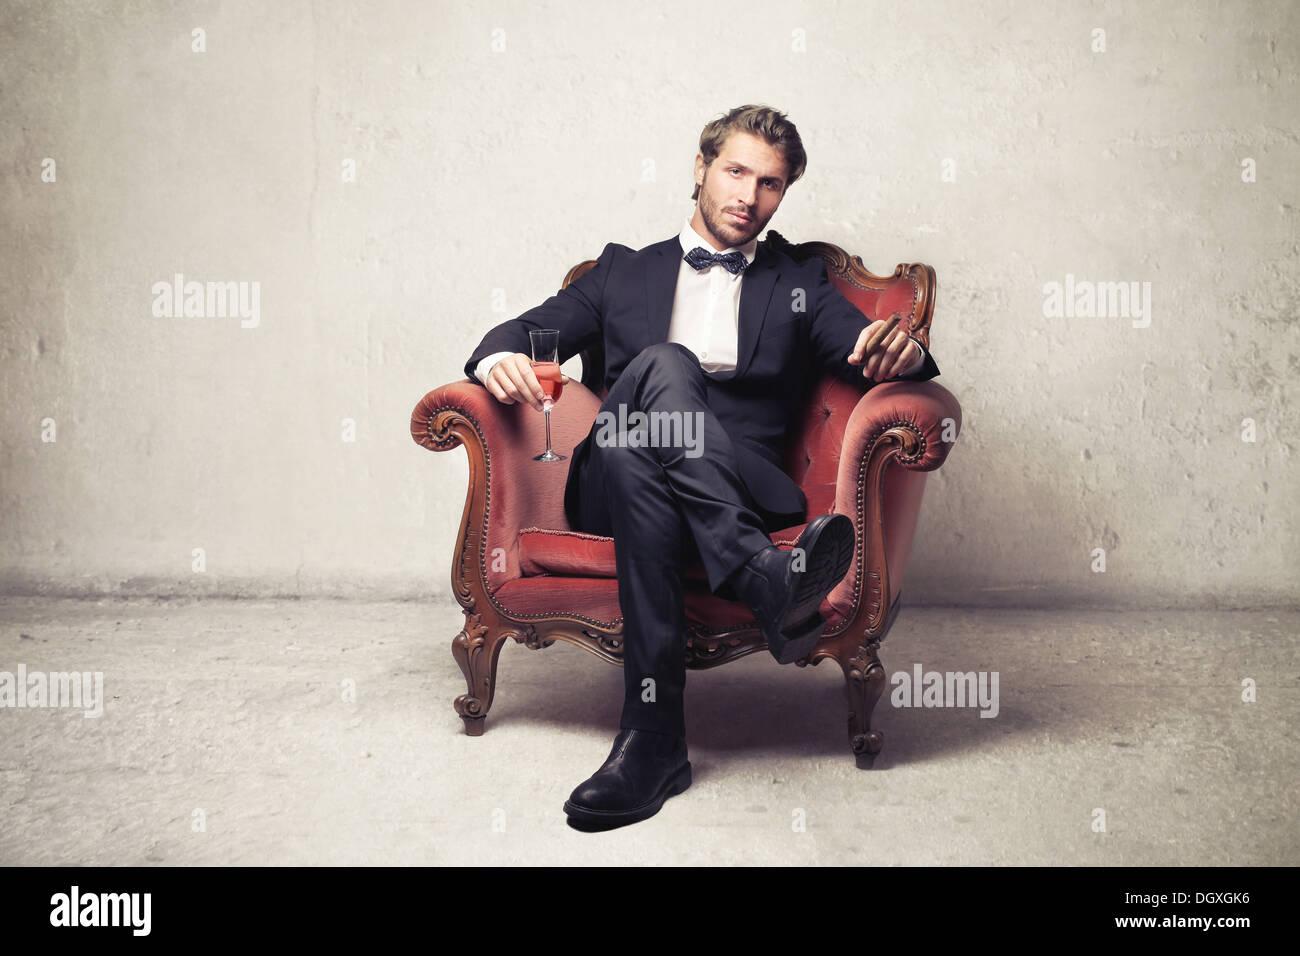 Caballero sentado en un sillón vintage Imagen De Stock